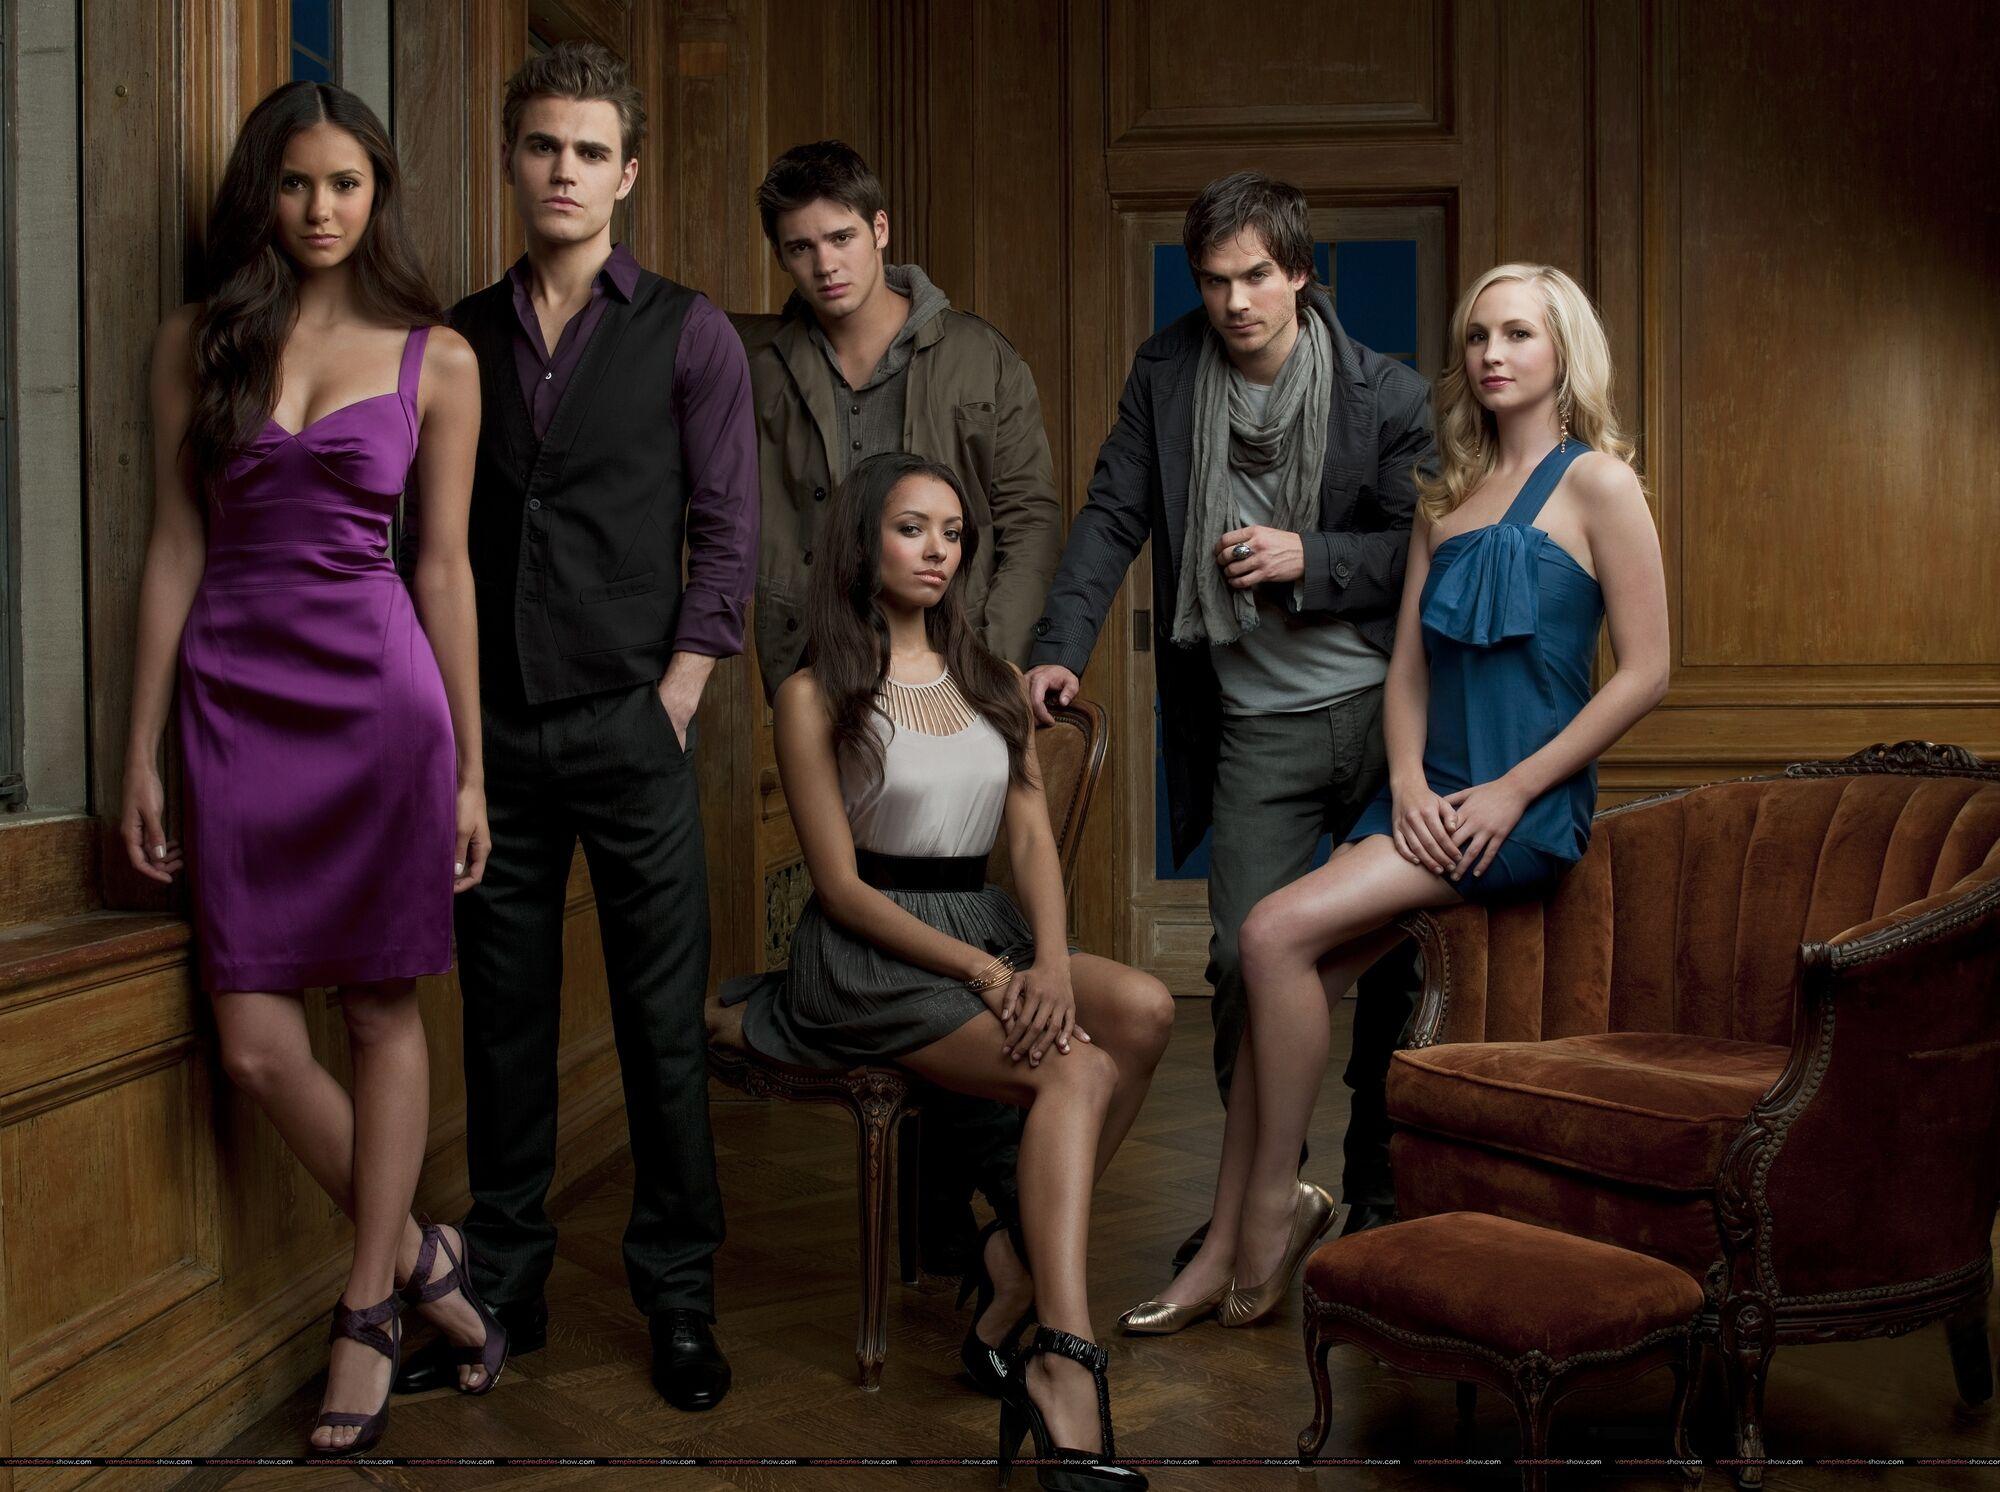 Risultati immagini per TVD cast season 1